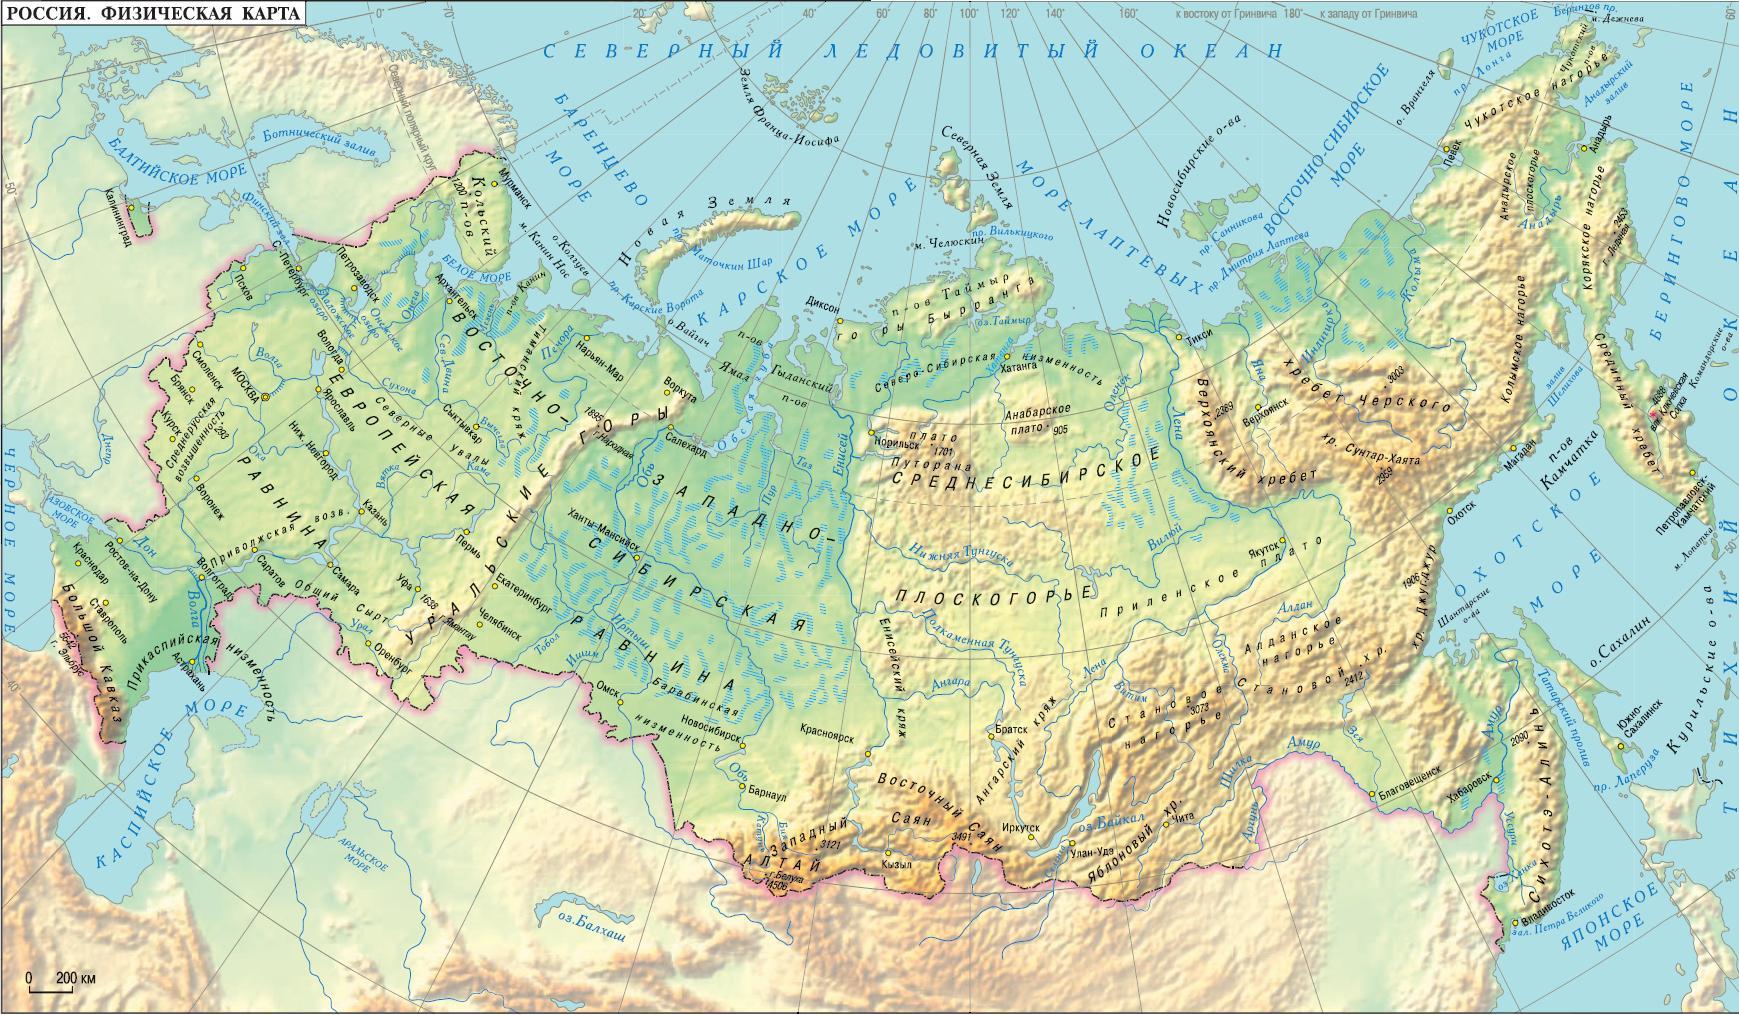 Физическая карта России даёт наглядное представление о сложном рельефе, различном по происхождению, истории формирования и внешним морфологическим признакам. Он отличается большими контрастами: на Русской и Западно-Сибирской равнинах перепады высот составляют десятки метров, а в горах на Ю. и В. страны достигают сотни метров. На севере Русской равнины поднимаются невысокие горные массивы Хибин, Тимана, Пай-Хоя, а на Ю. равнина переходит в Прикаспийскую и Приазовскую низменности, между которыми простираются предгорья, а далее – горные сооружения Кавказа.